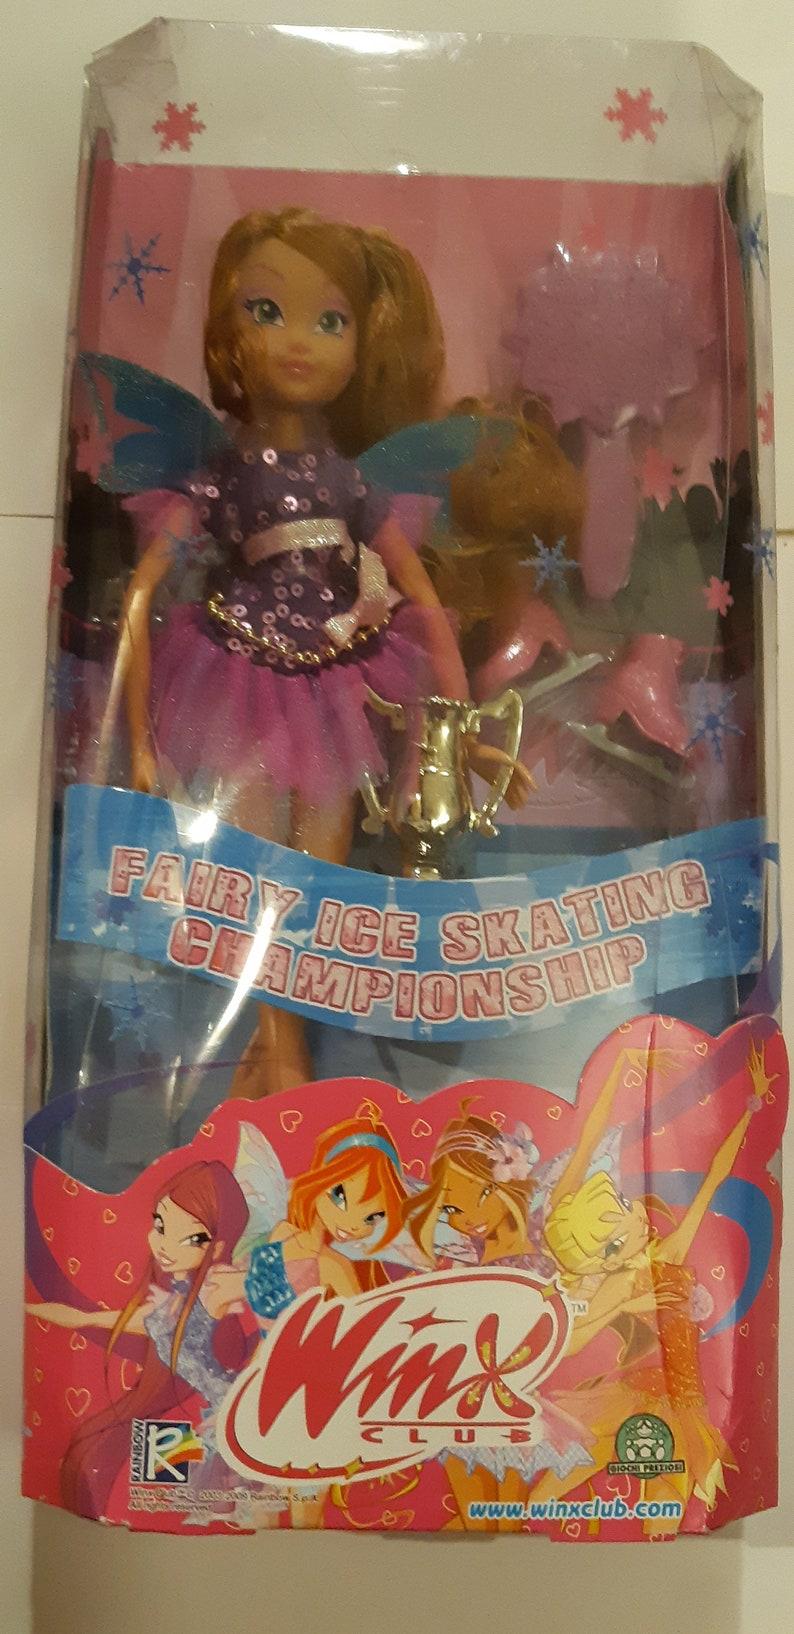 Winx Club Giochi Preziosi Fairy ICe Skating Flora  Discontinued  RARE